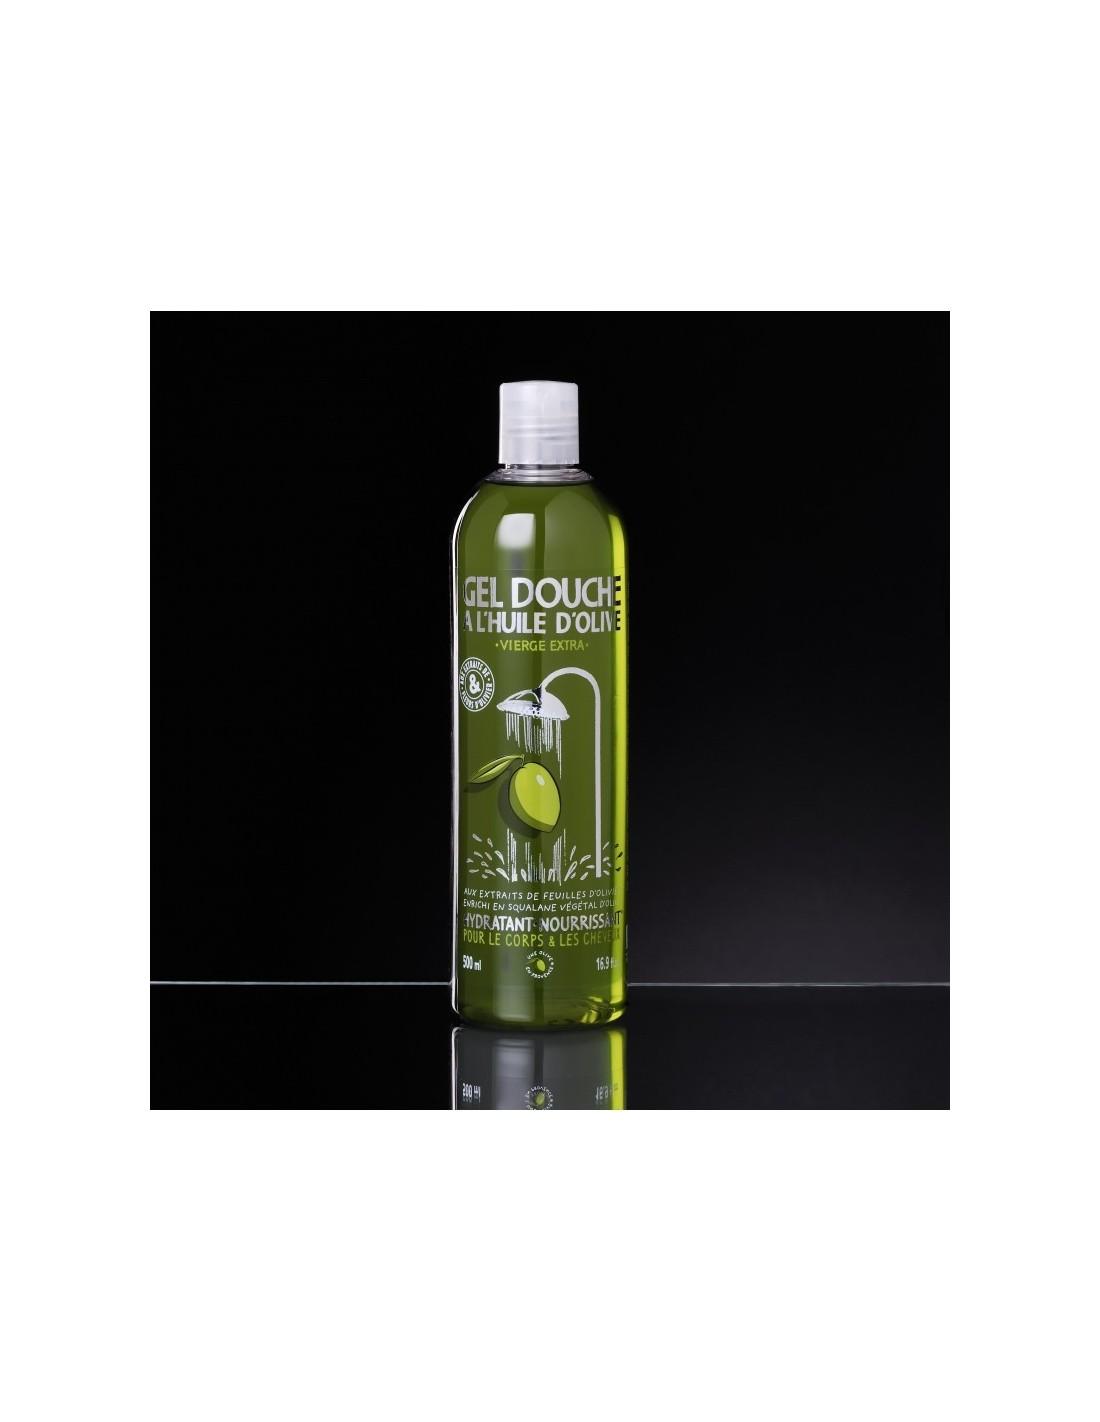 gel douche l 39 huile d 39 olive vierge extra et aux extraits de fleurs d 39 oliviers 500 ml vieux. Black Bedroom Furniture Sets. Home Design Ideas